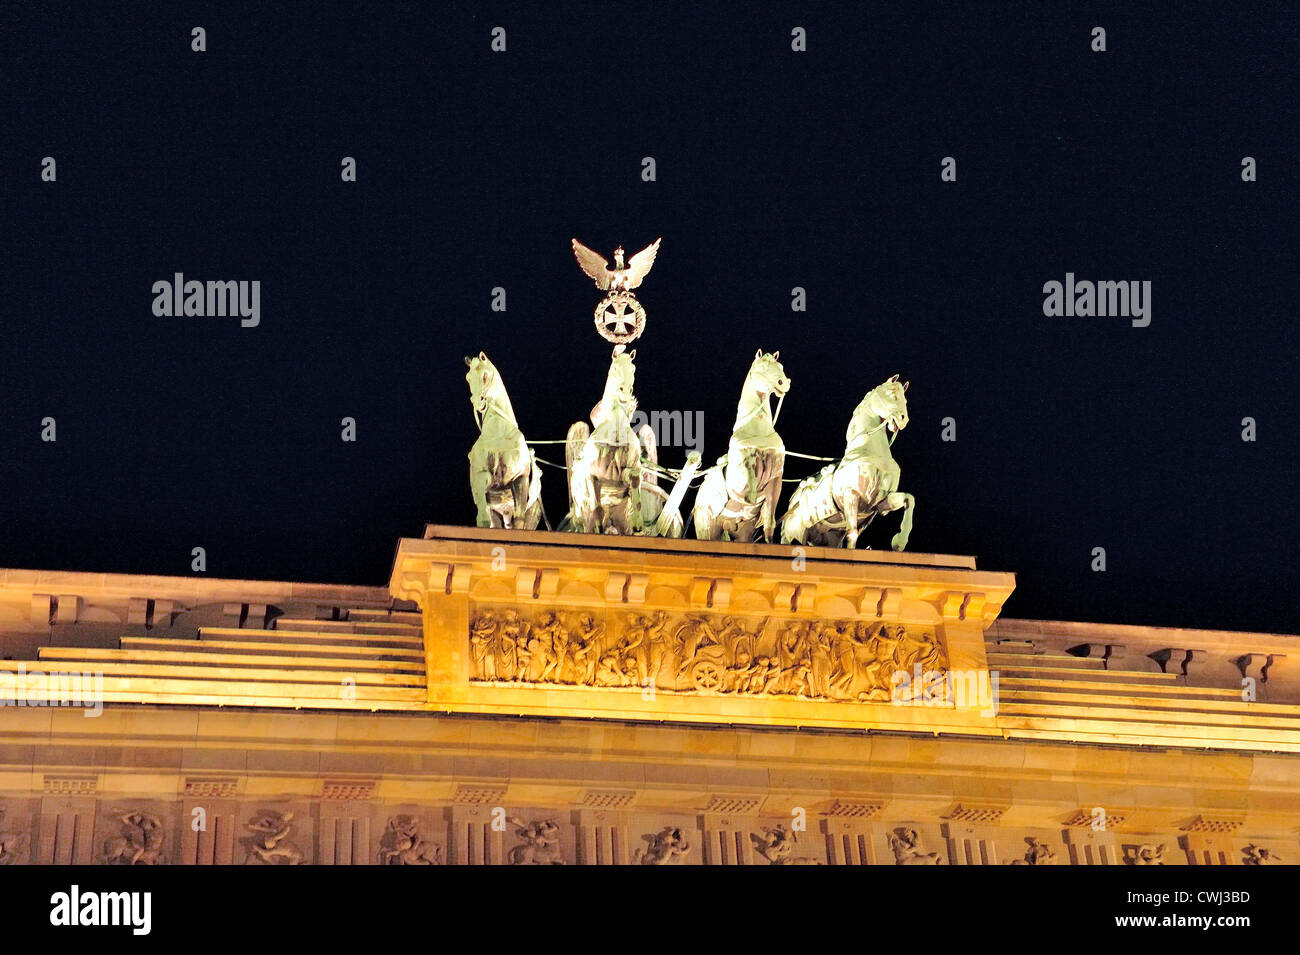 The Brandenburg Gate Quadriga - Stock Image